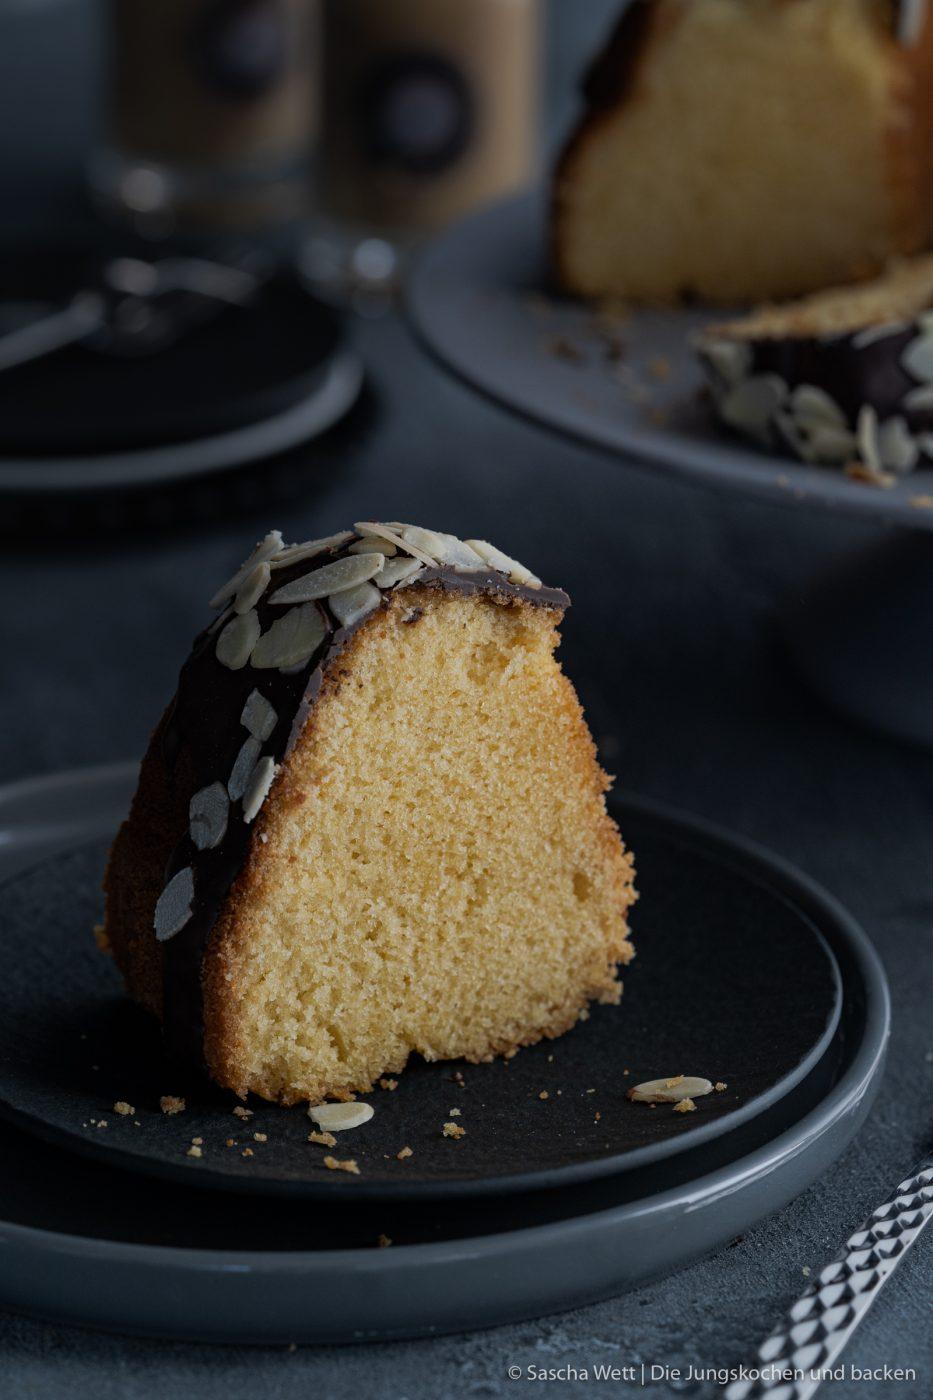 Apricot Amaretto Eierlikörkuchen verpoorten 3 | Heute haben wir eine Variante eines eurer absoluten Blog-Lieblinge dabei! Unseren super saftigen Eierlikörkuchen habt ihr schon etliche Male nachgebacken und wir sind immer wieder super happy über euer tolles Feedback. Gerade bei diesen All-Time-Favorite Rezepten wandeln wir gerne auch mal ein wenig ab und versuchen, etwas Neues mit ins Rezept zu bringen. Dieses Mal haben wir uns dafür mit unserem Partner VERPOORTEN zusammengetan und zeigen euch einen genialen Eierlikörkuchen mit Amaretto-Apricot.